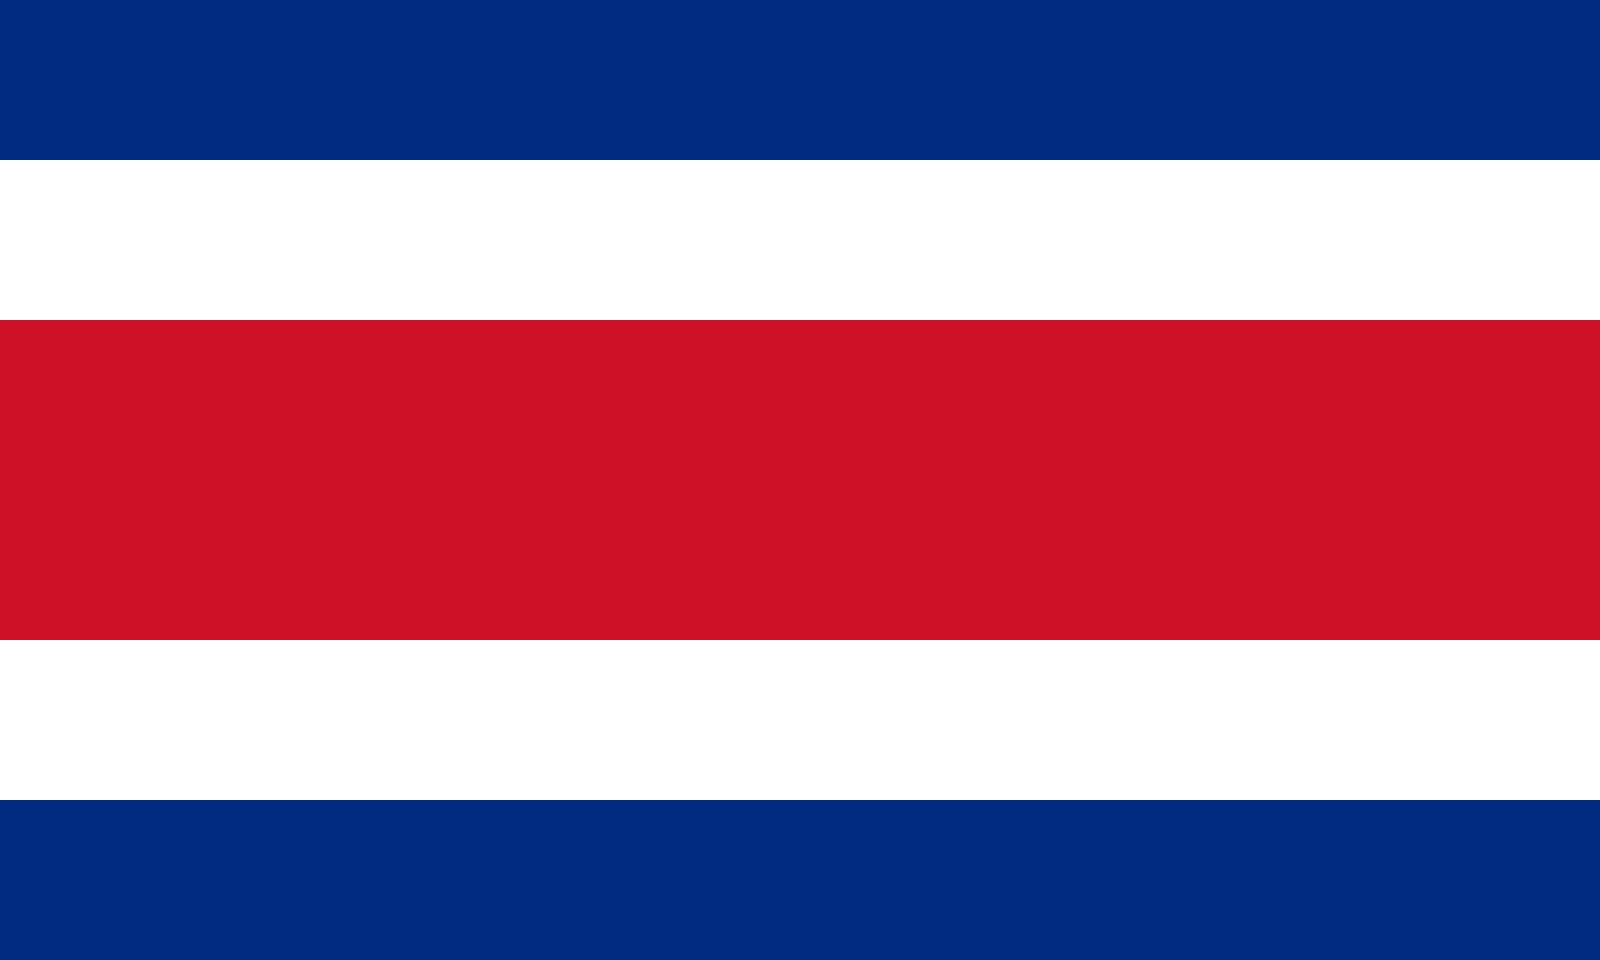 imagenes de banderas hd93 200 Imágenes de Banderas en HD (Wallpapers)